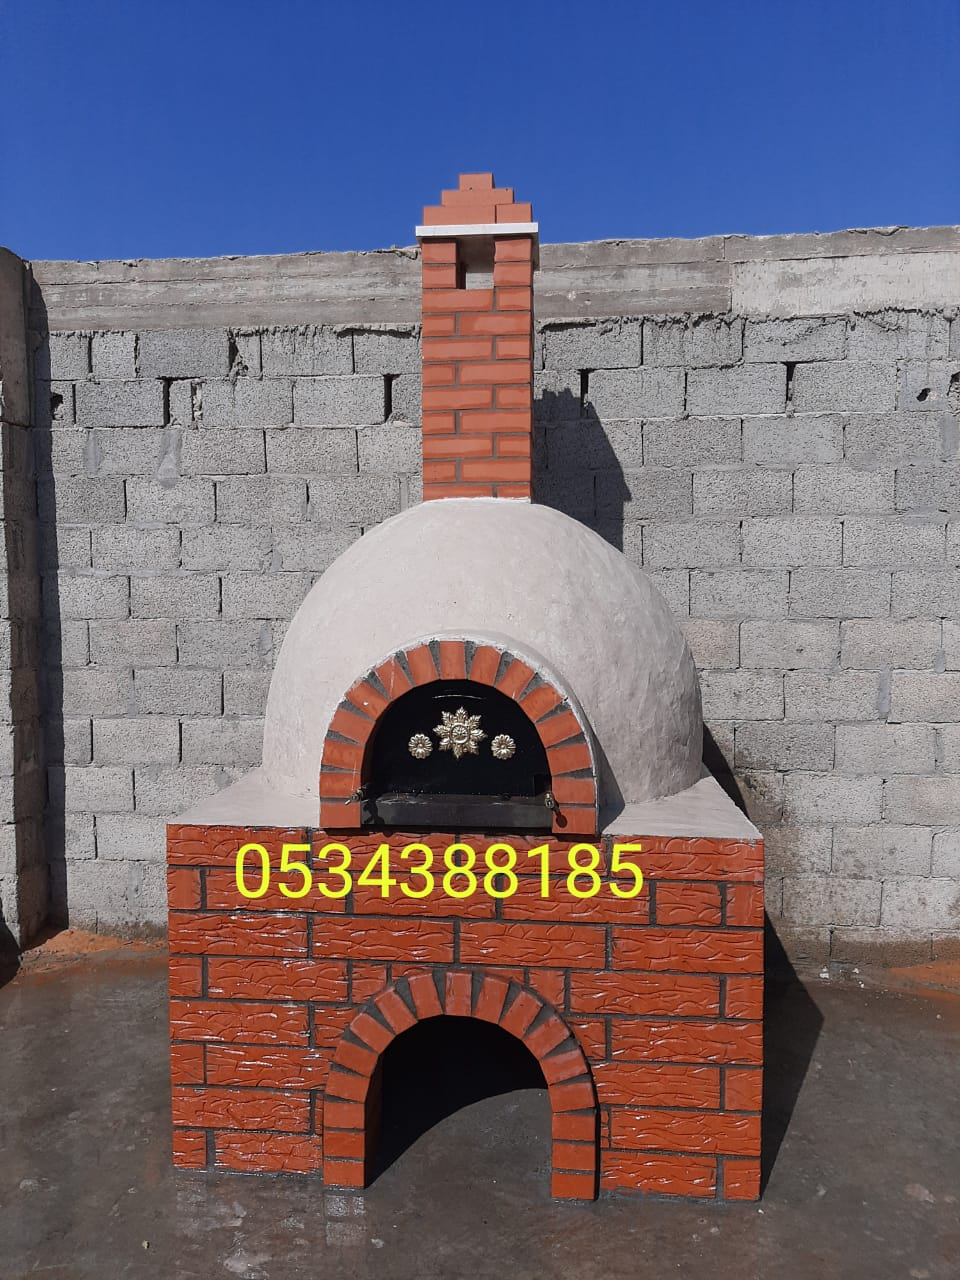 بناء فرن في الرياض , فرن في الشرقية , فرن مطعم , افران مطاعم  0534388185 P_1819eqqps4